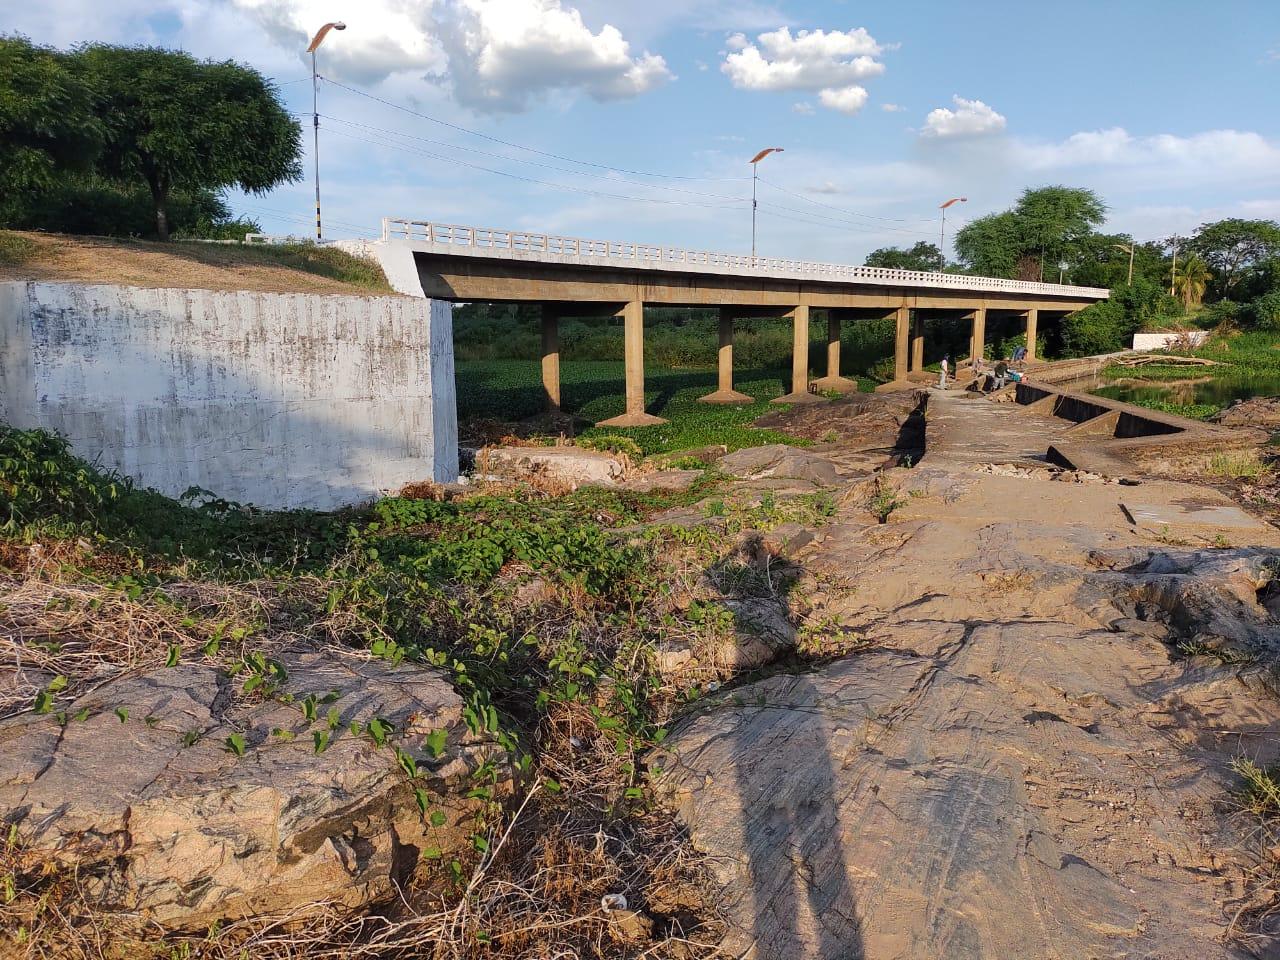 Reforma da barragem do Rio Salgado está 90% concluída